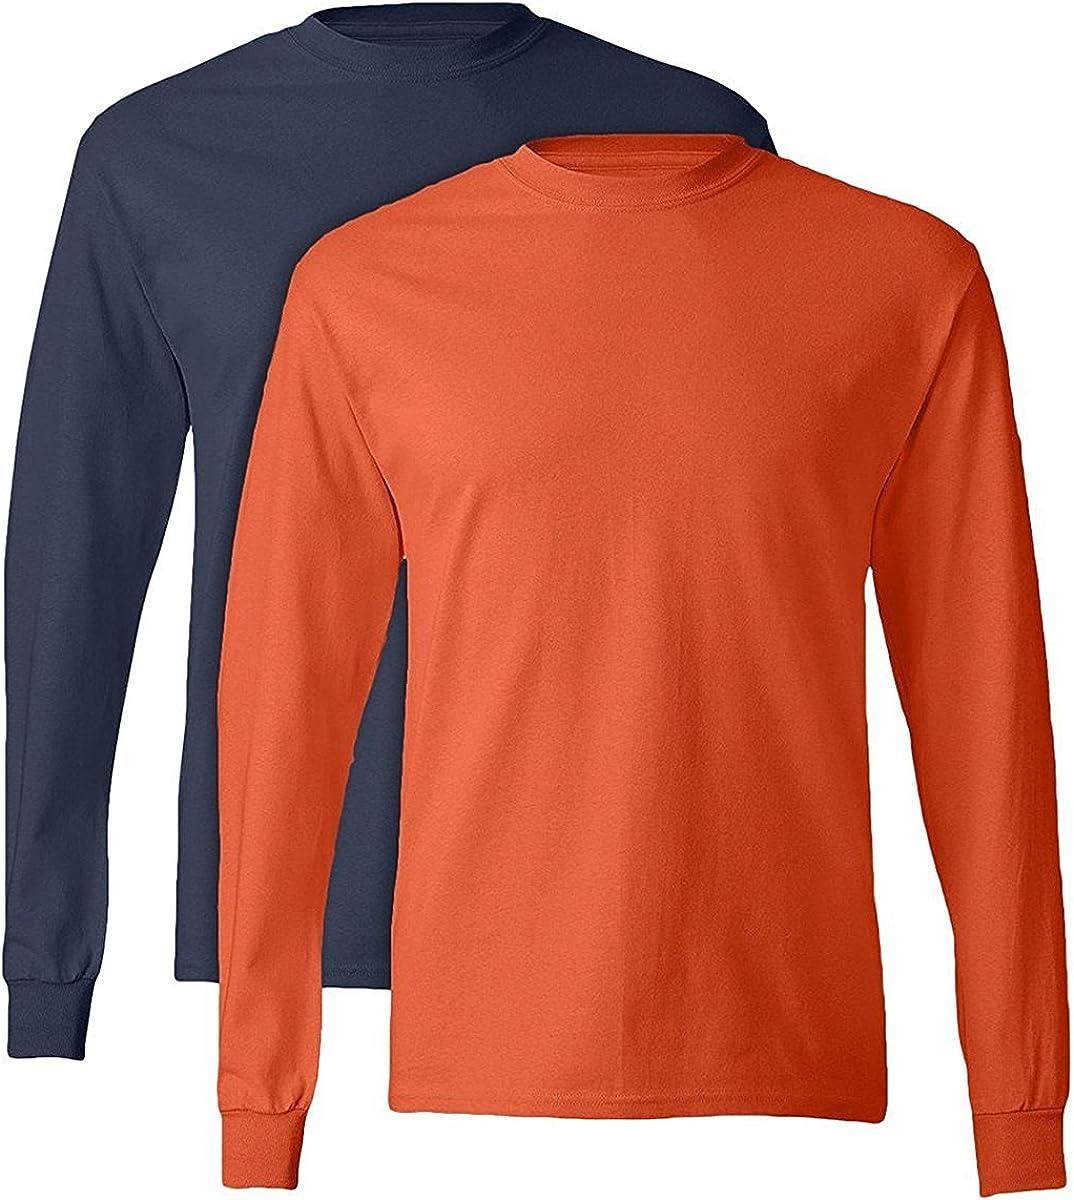 Hanes TAGLESS Long-Sleeve T-Shirt Set of 2